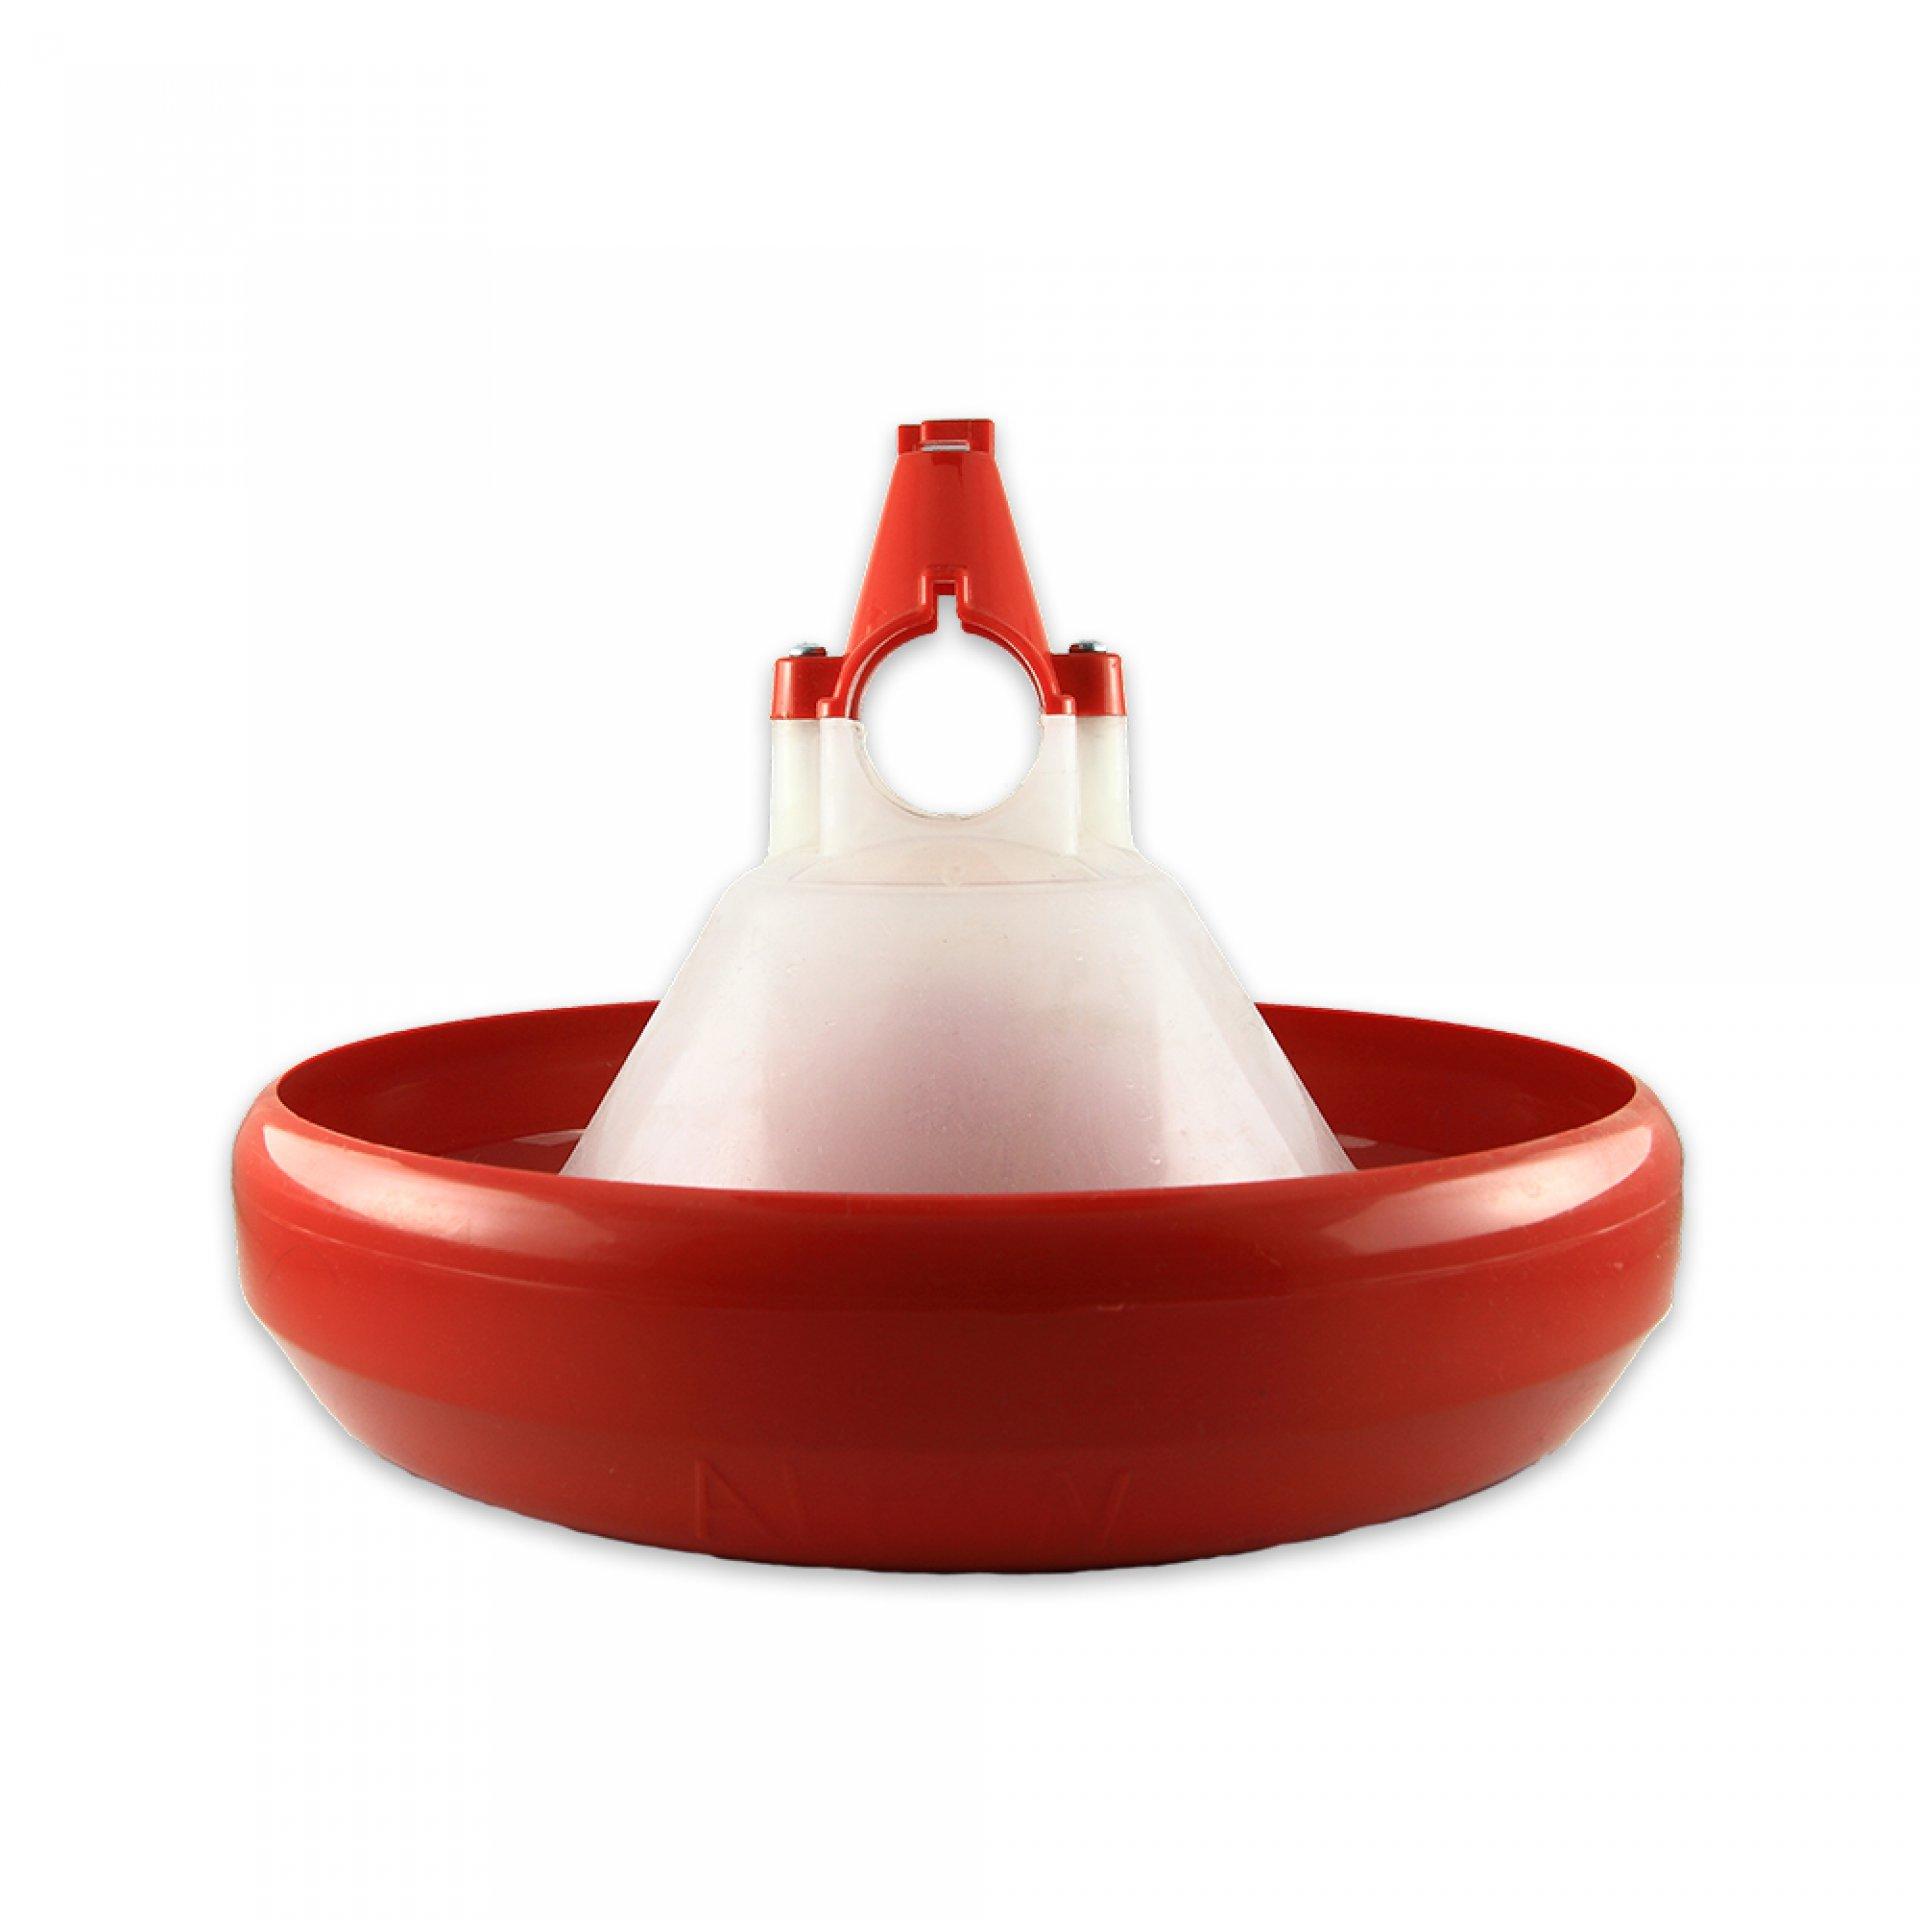 bym03-0001-broyler-feeder-pan